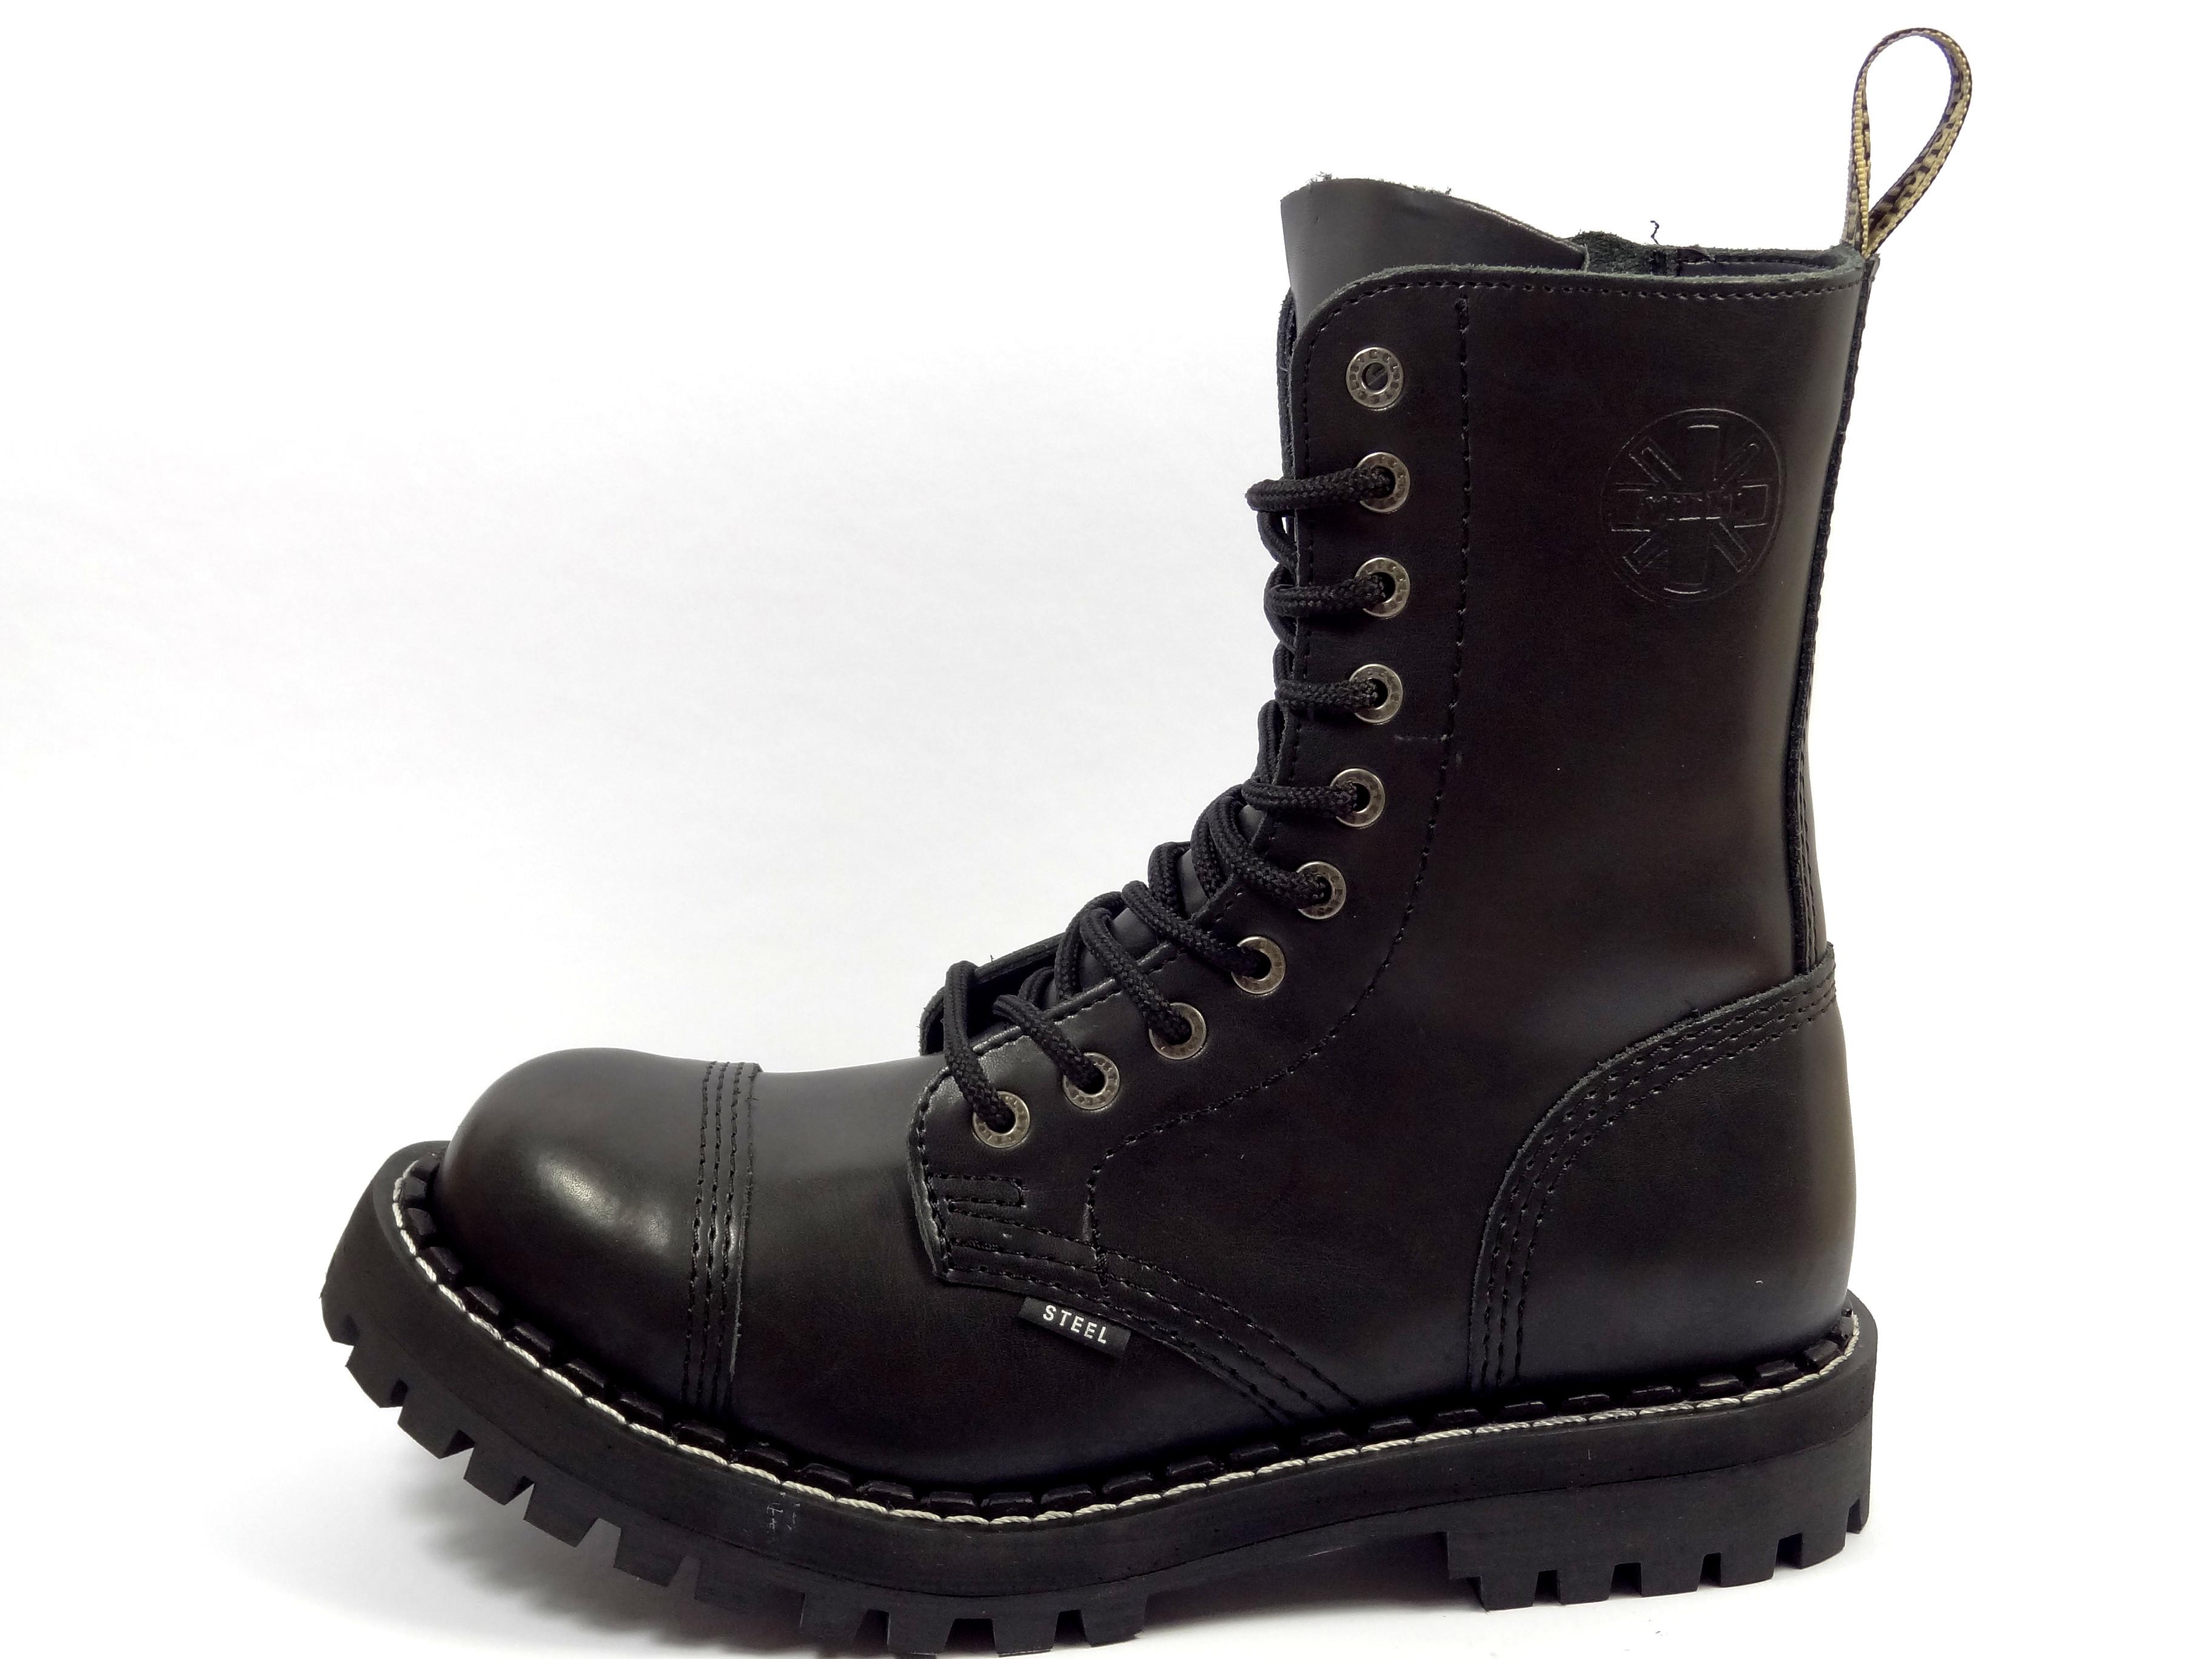 801fe5d12e7 Steel boty 10 dírkové černé - se zipem - zateplené